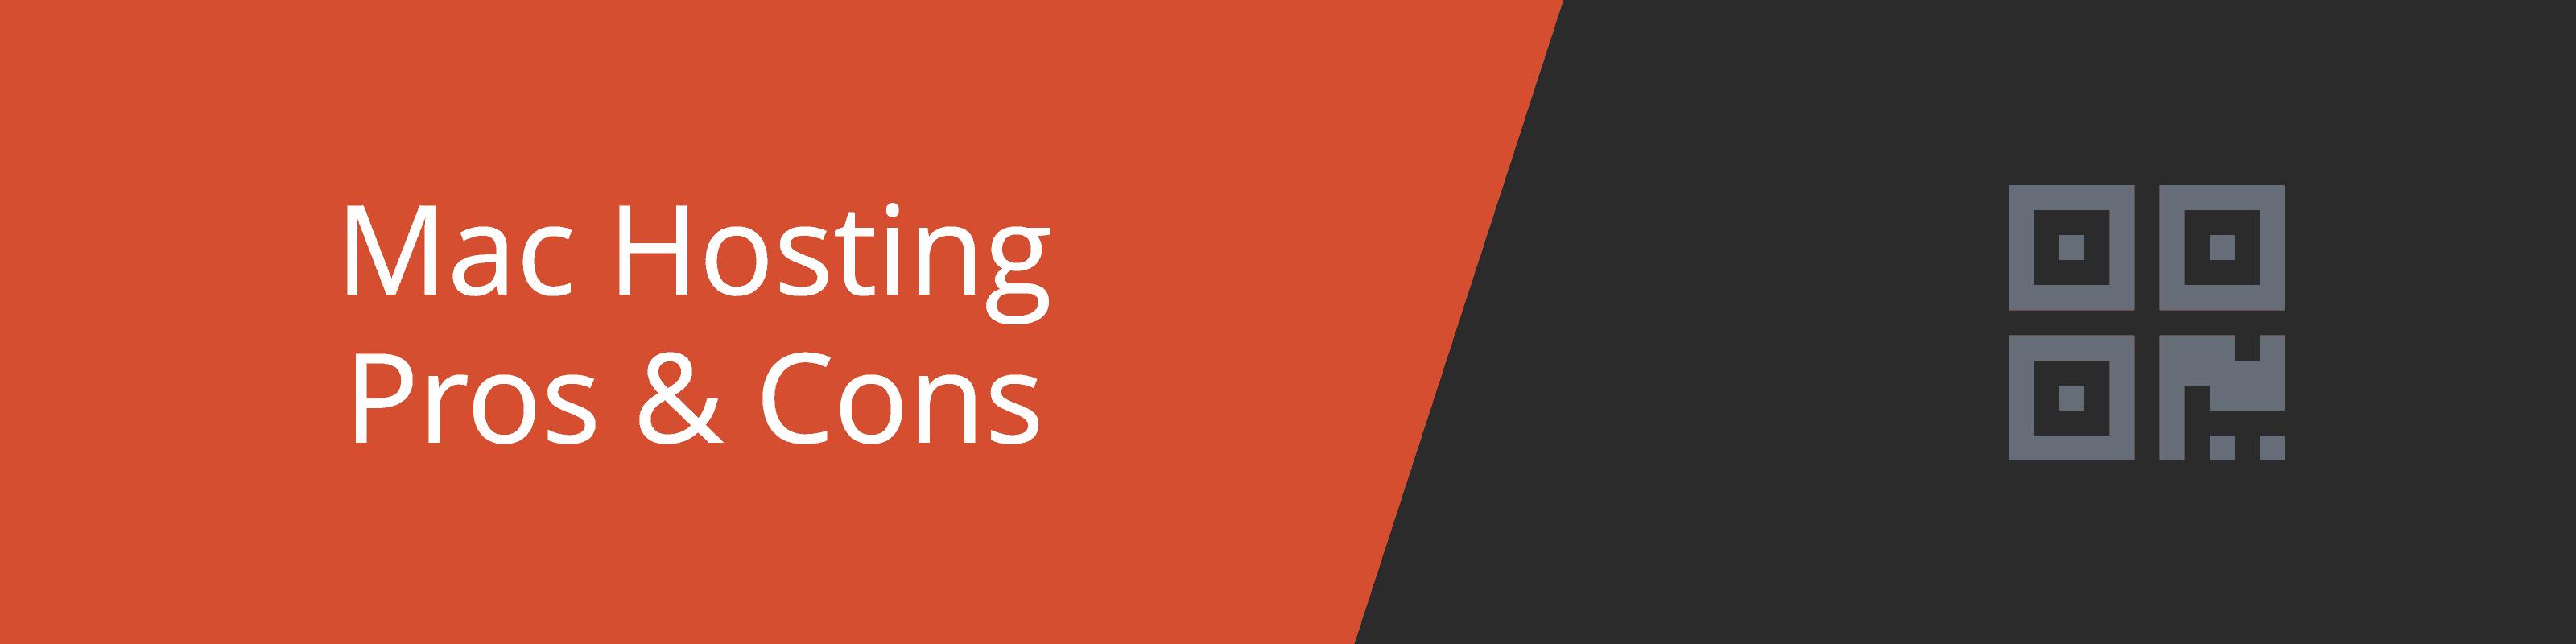 mac hosting pros cons